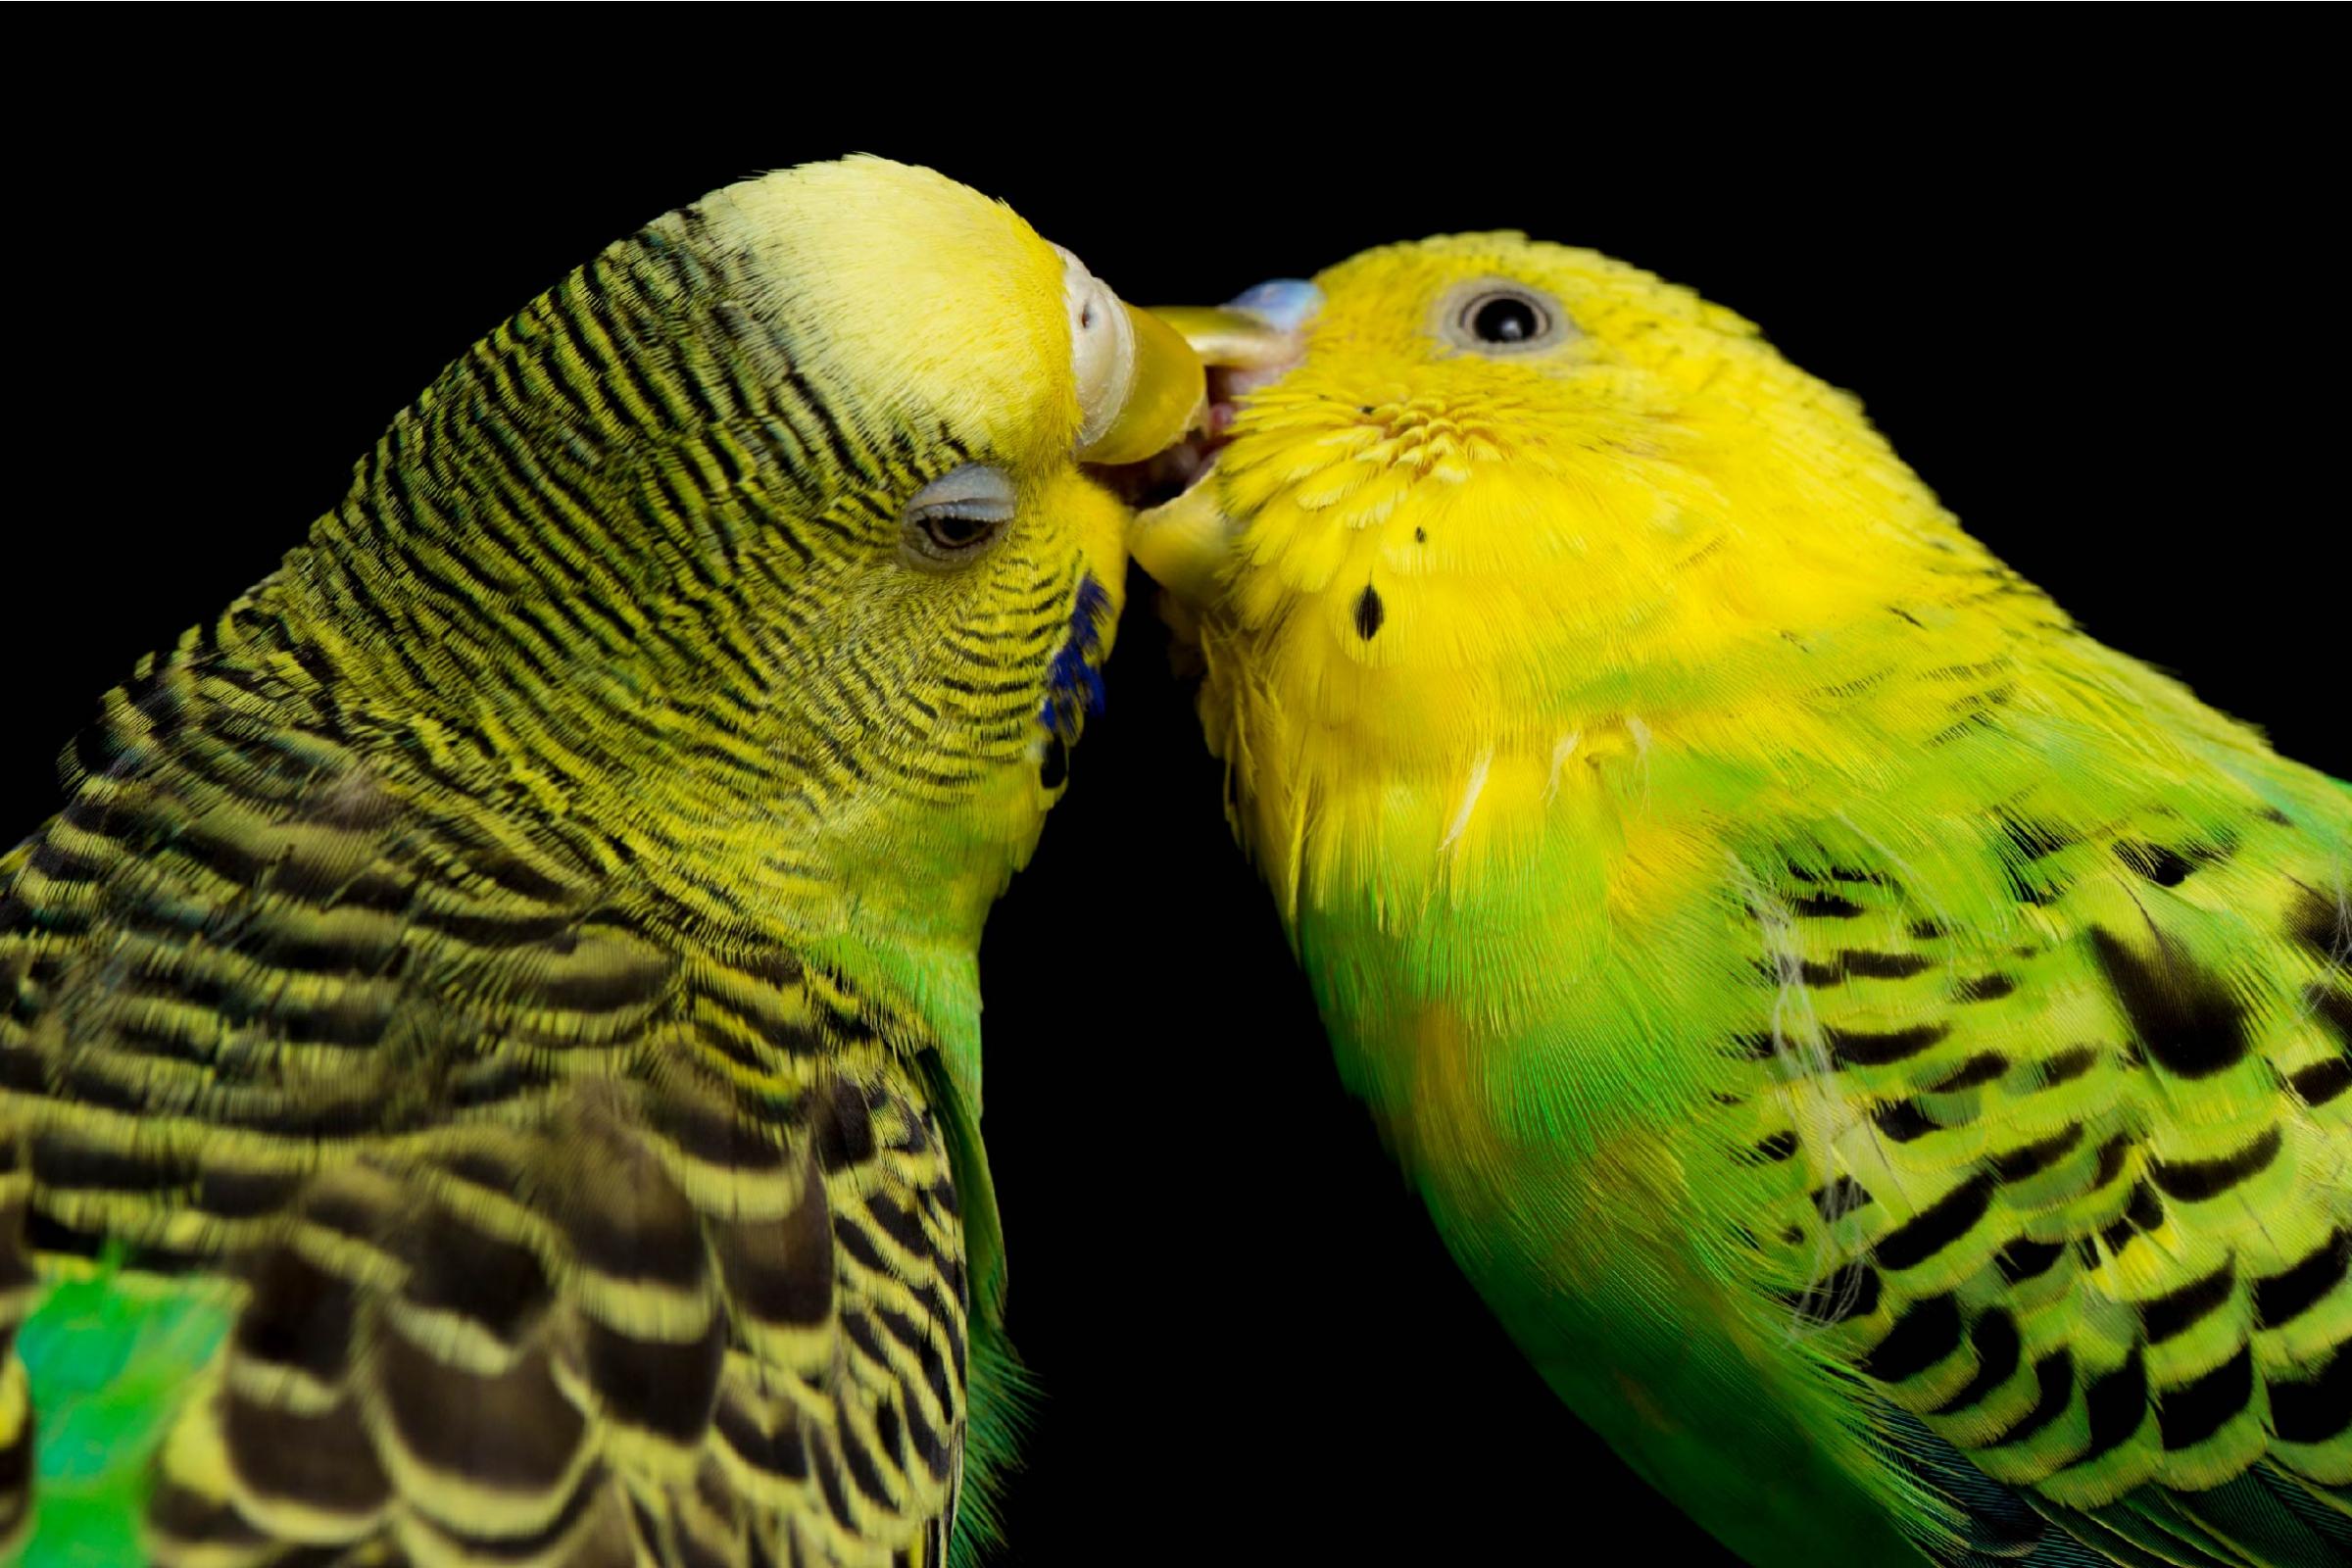 זוג תוכונים | Shutterstock, dwi putra stock